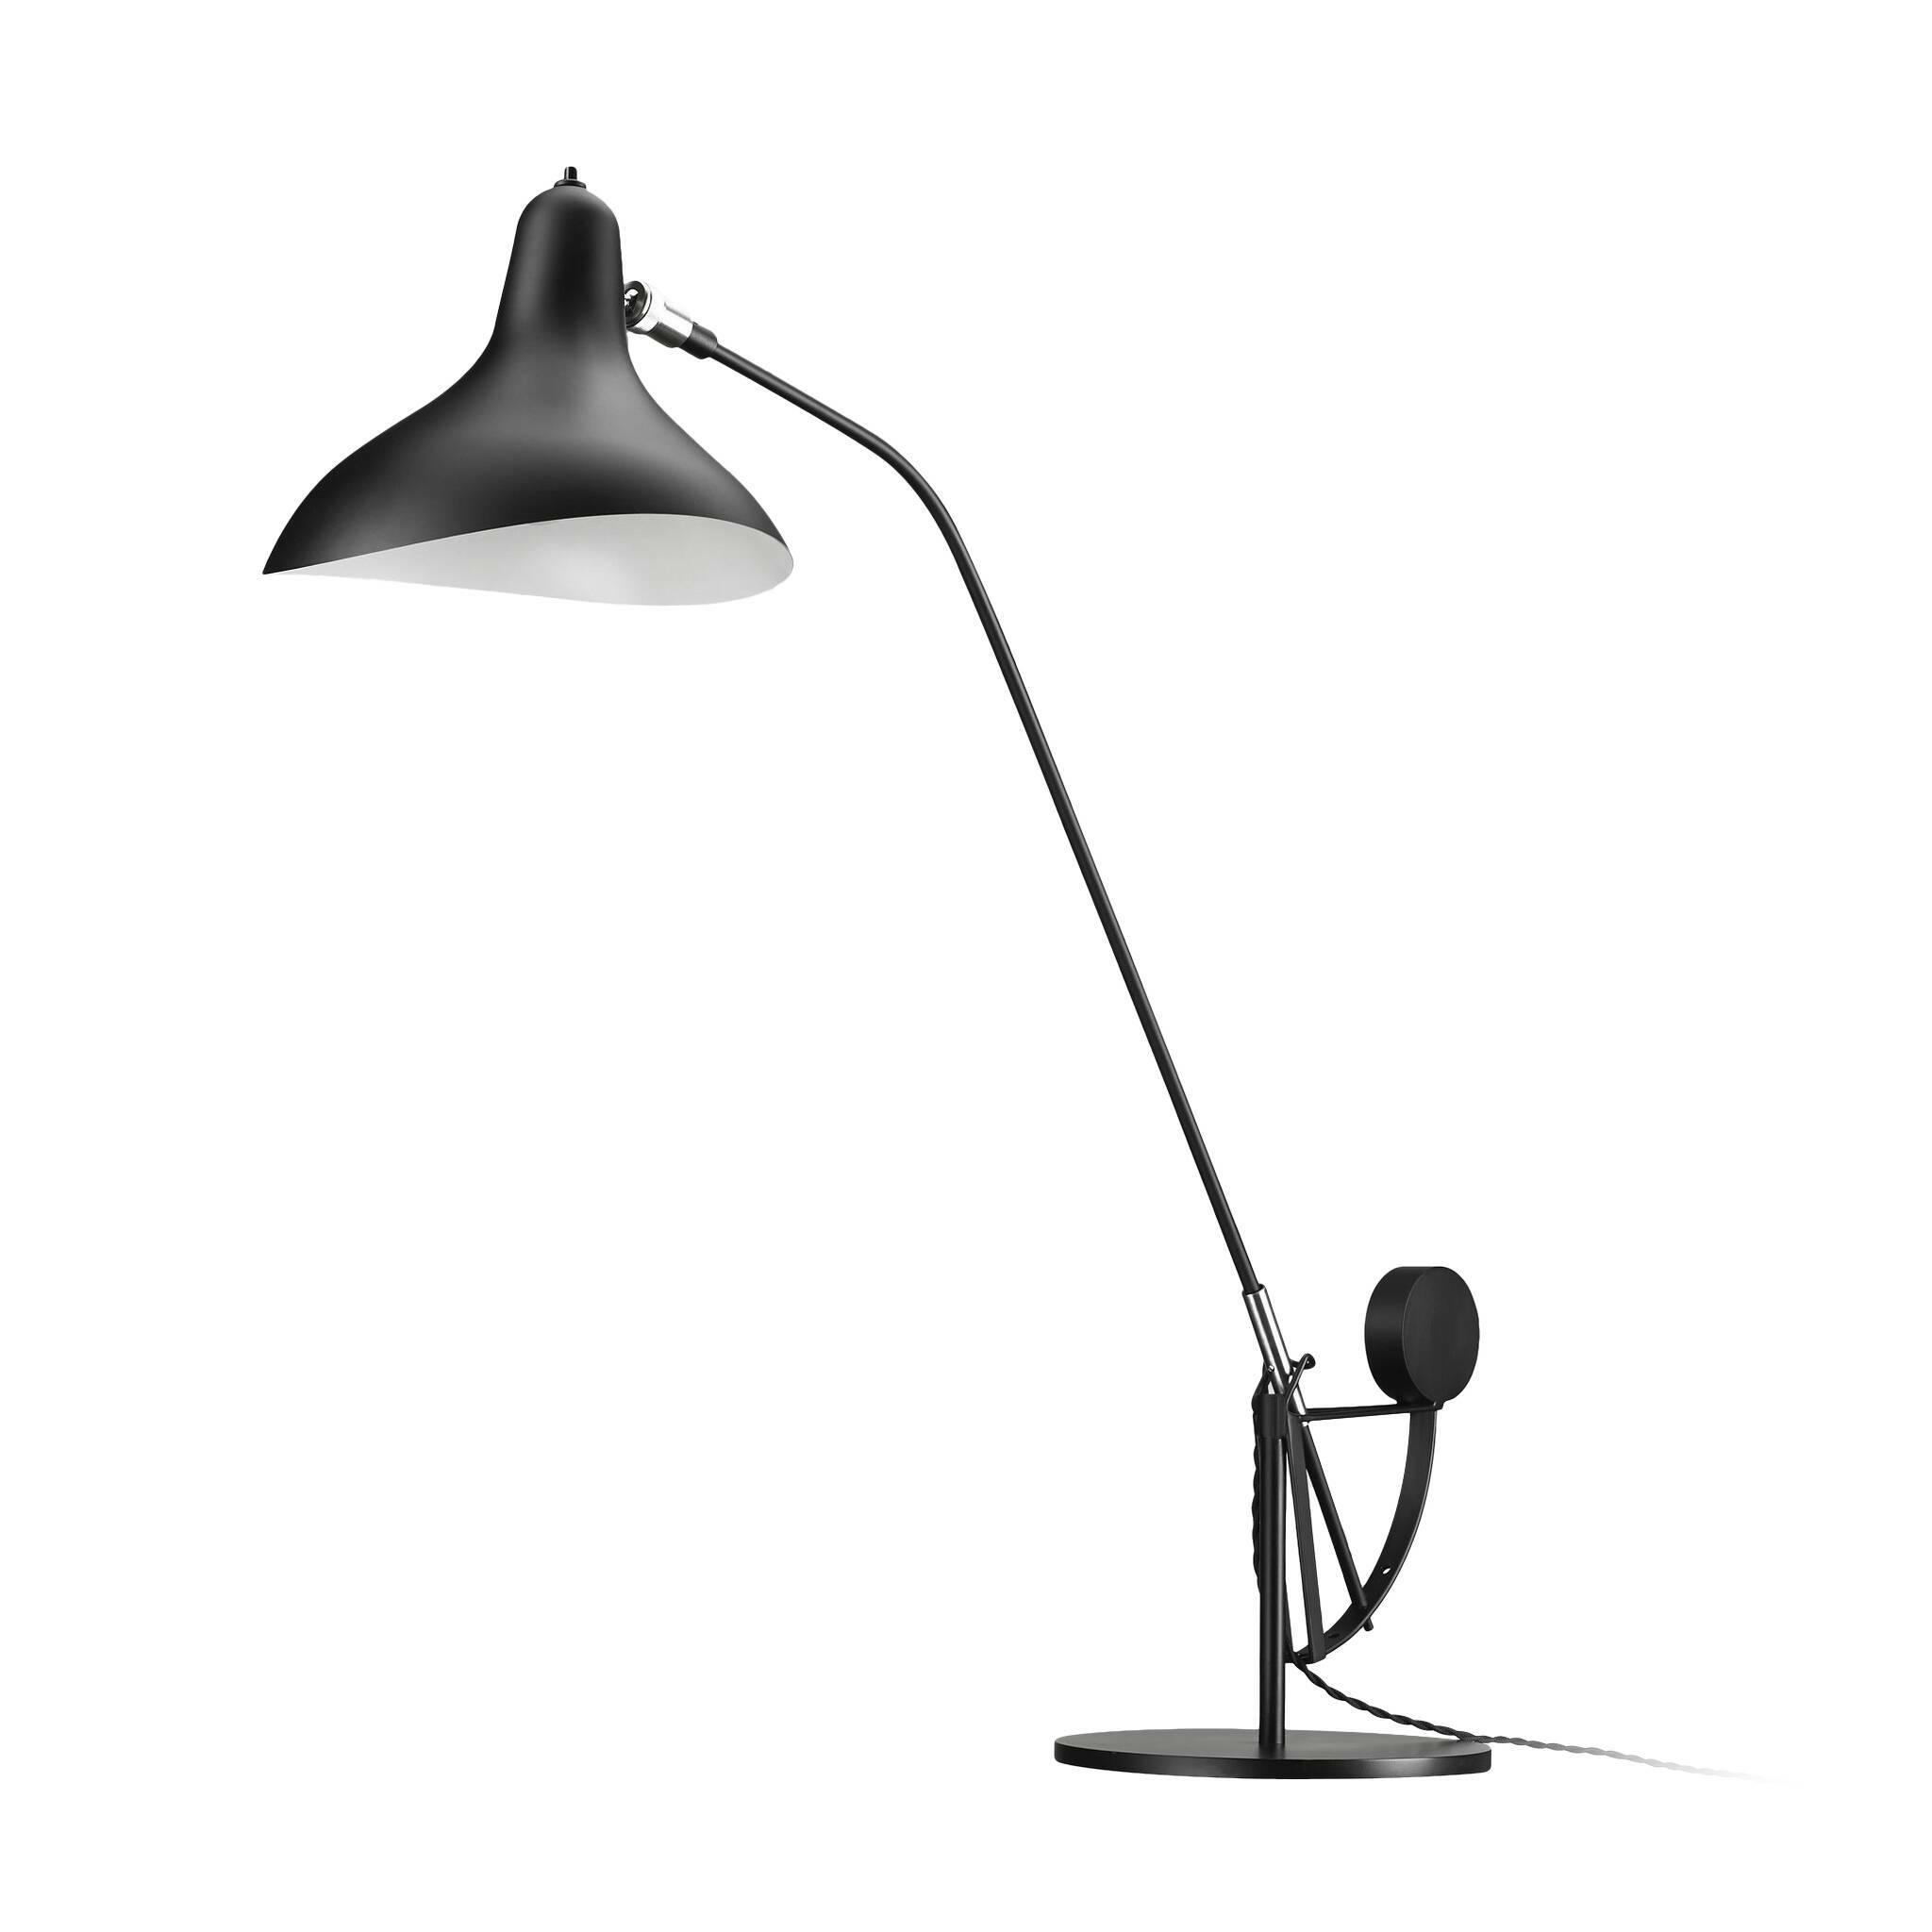 Настольный светильник MantisНастольные<br>Настольный светильник Mantis — это работа дизайнера Бернарда Шоттландера, которую он создал в 1951 году. Сам художник считает себя «дизайнером интерьеров и скульптором экстерьеров», поэтому его известный «богомол» (так переводится название светильника), может настраиваться по высоте и сгибу в зависимости от нужд владельца.<br><br><br> Настраиваемый функционал — одно из главных достоинств этого светильника. Очень удобно иметь возможность направить свет так, чтобы он падал под идеальным углом, ил...<br><br>stock: 0<br>Высота: 80<br>Длина: 63<br>Количество ламп: 1<br>Материал абажура: Алюминий<br>Материал арматуры: Сталь<br>Ламп в комплекте: Нет<br>Цвет абажура: Черный<br>Цвет арматуры: Черный<br>Цвет провода: Черный